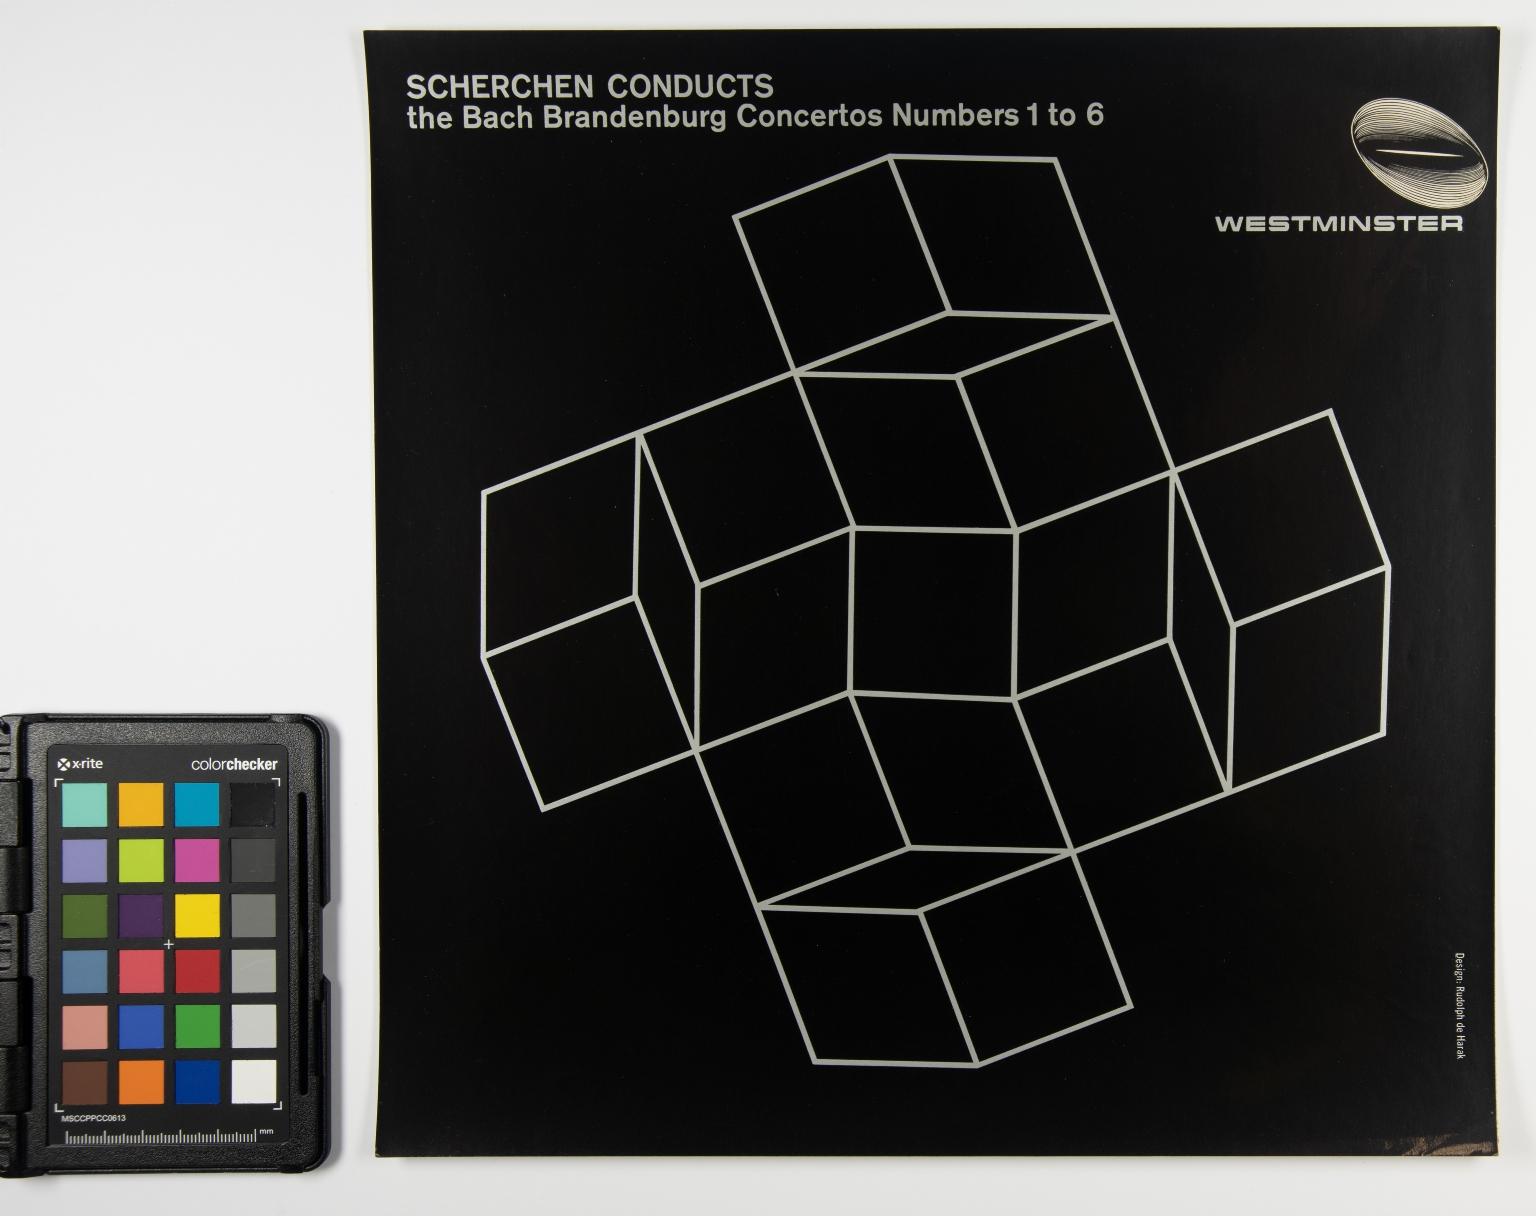 Scherchen Conducts: The Bach Brandenburg Concertos Numbers 1 to 6